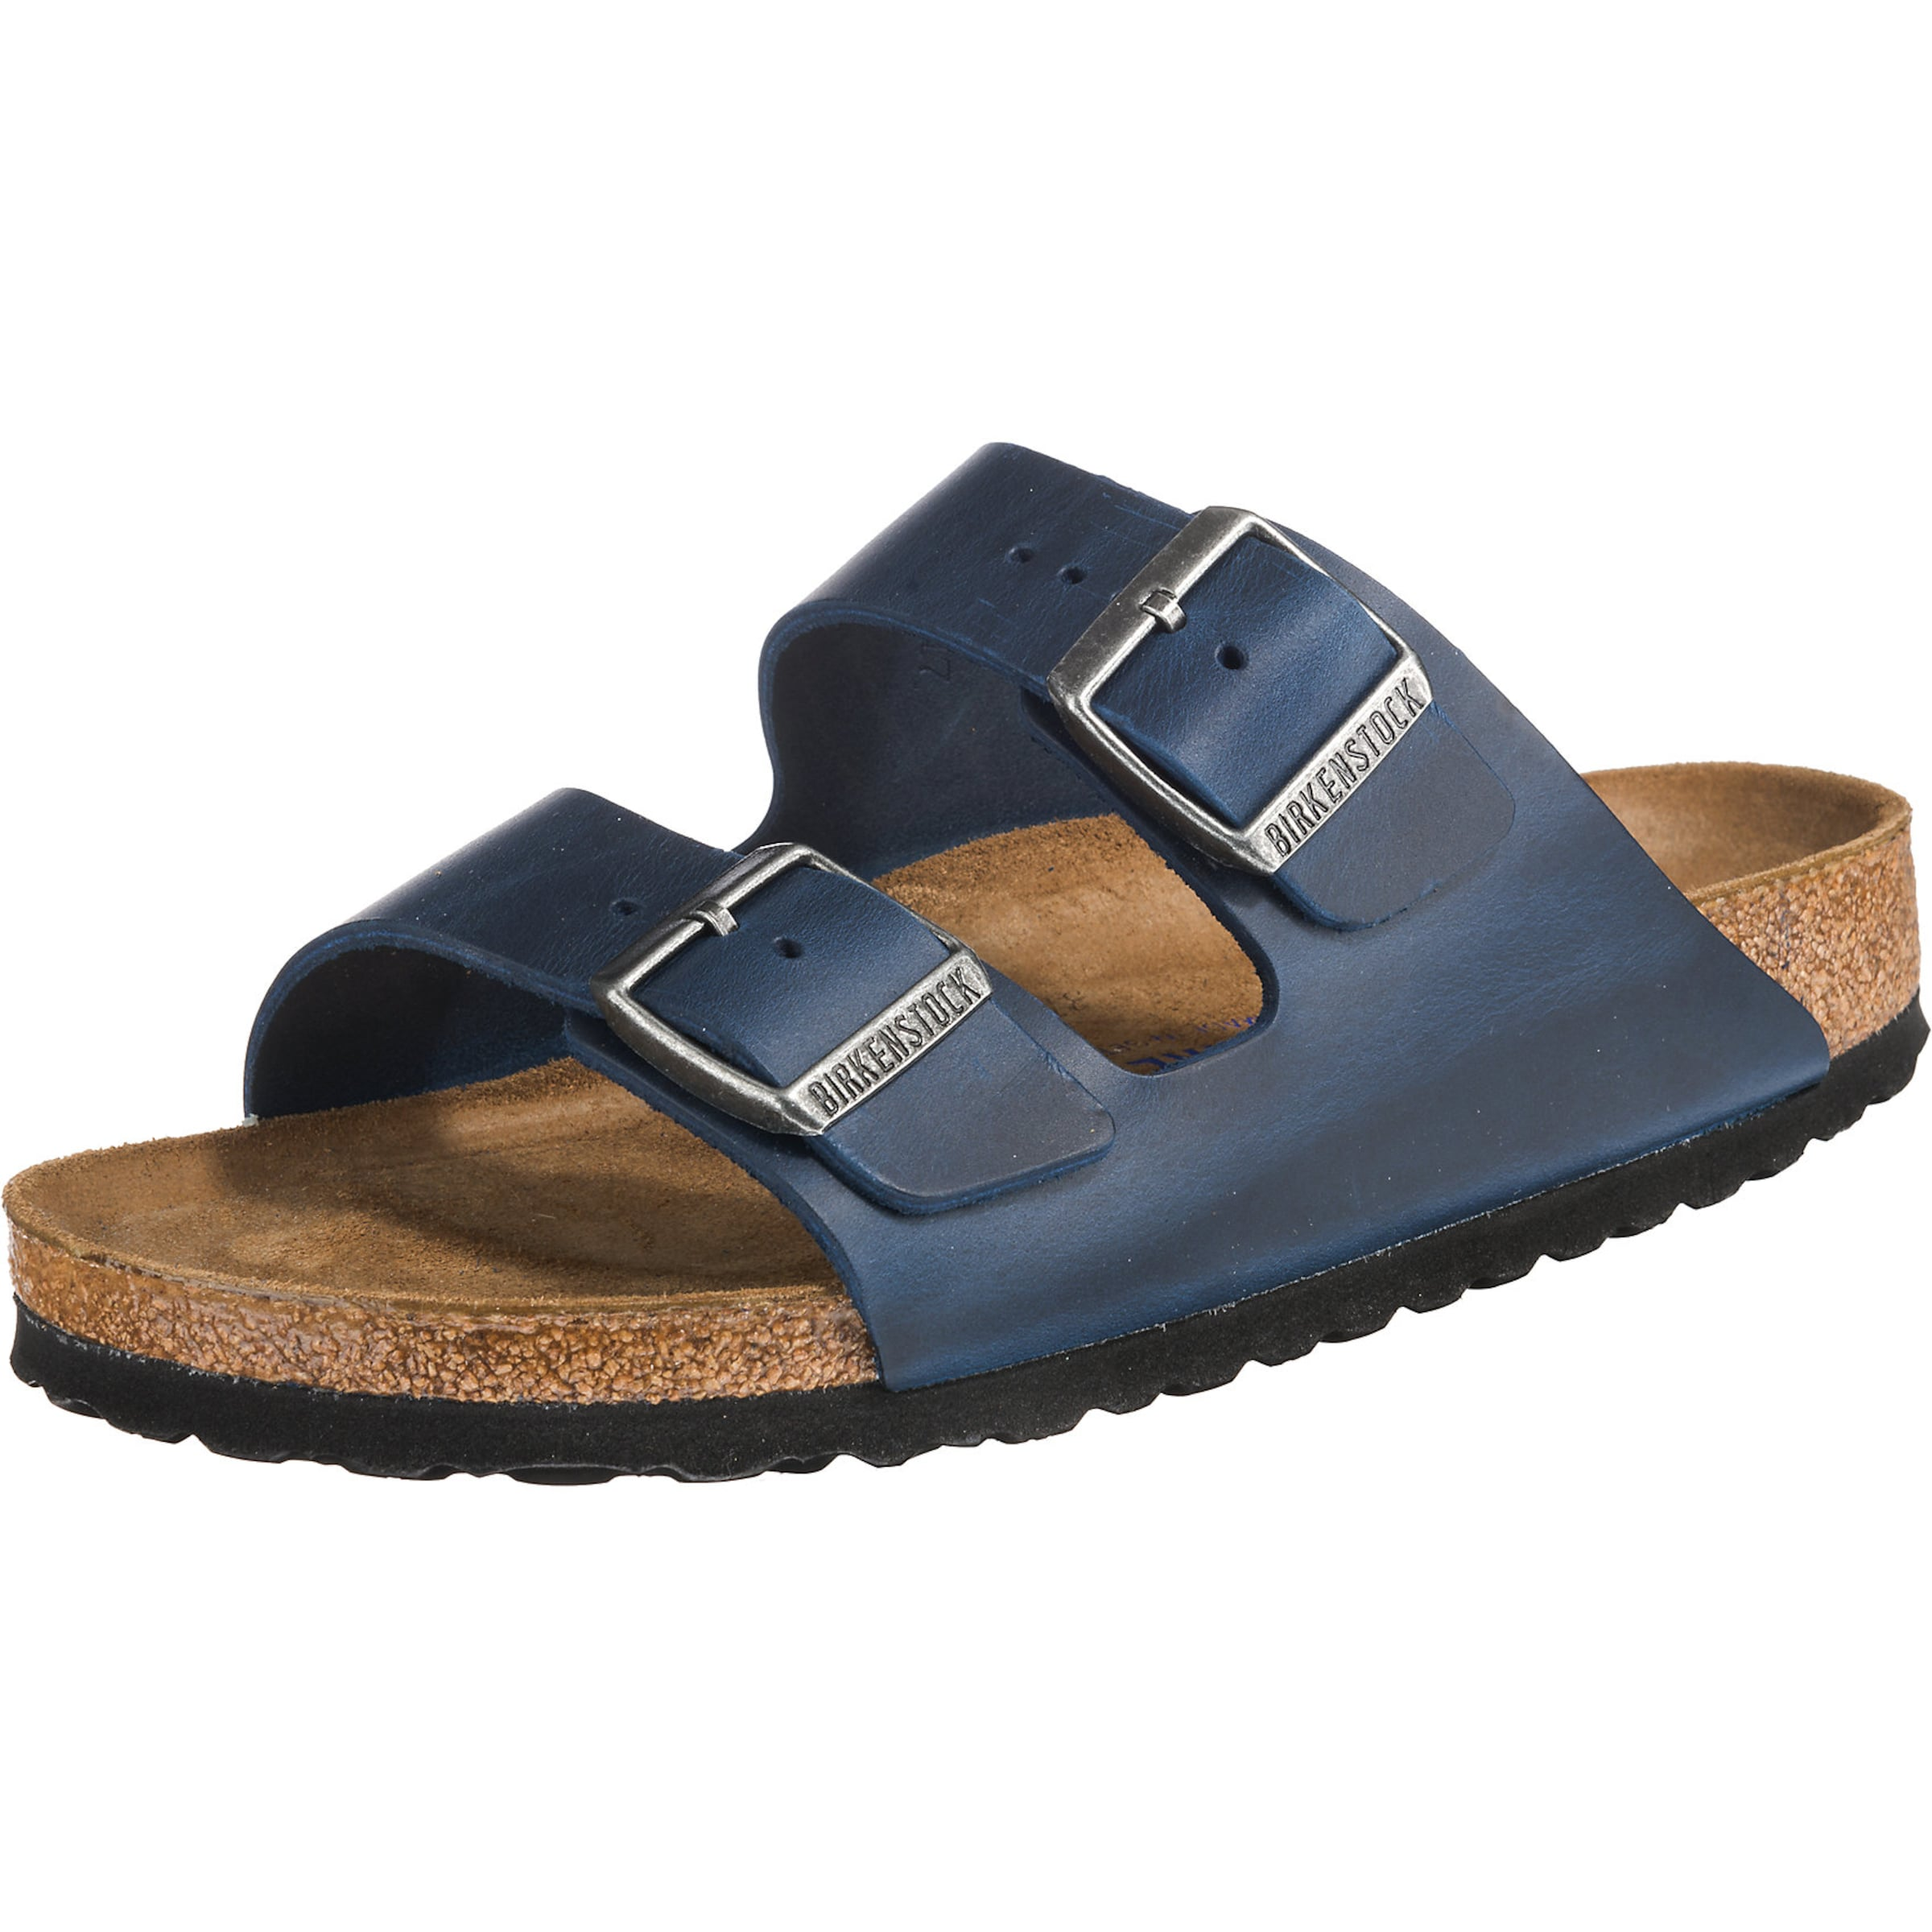 'arizonar' Birkenstock Sandale Anthrazit Sandale Birkenstock In FKTJl1c